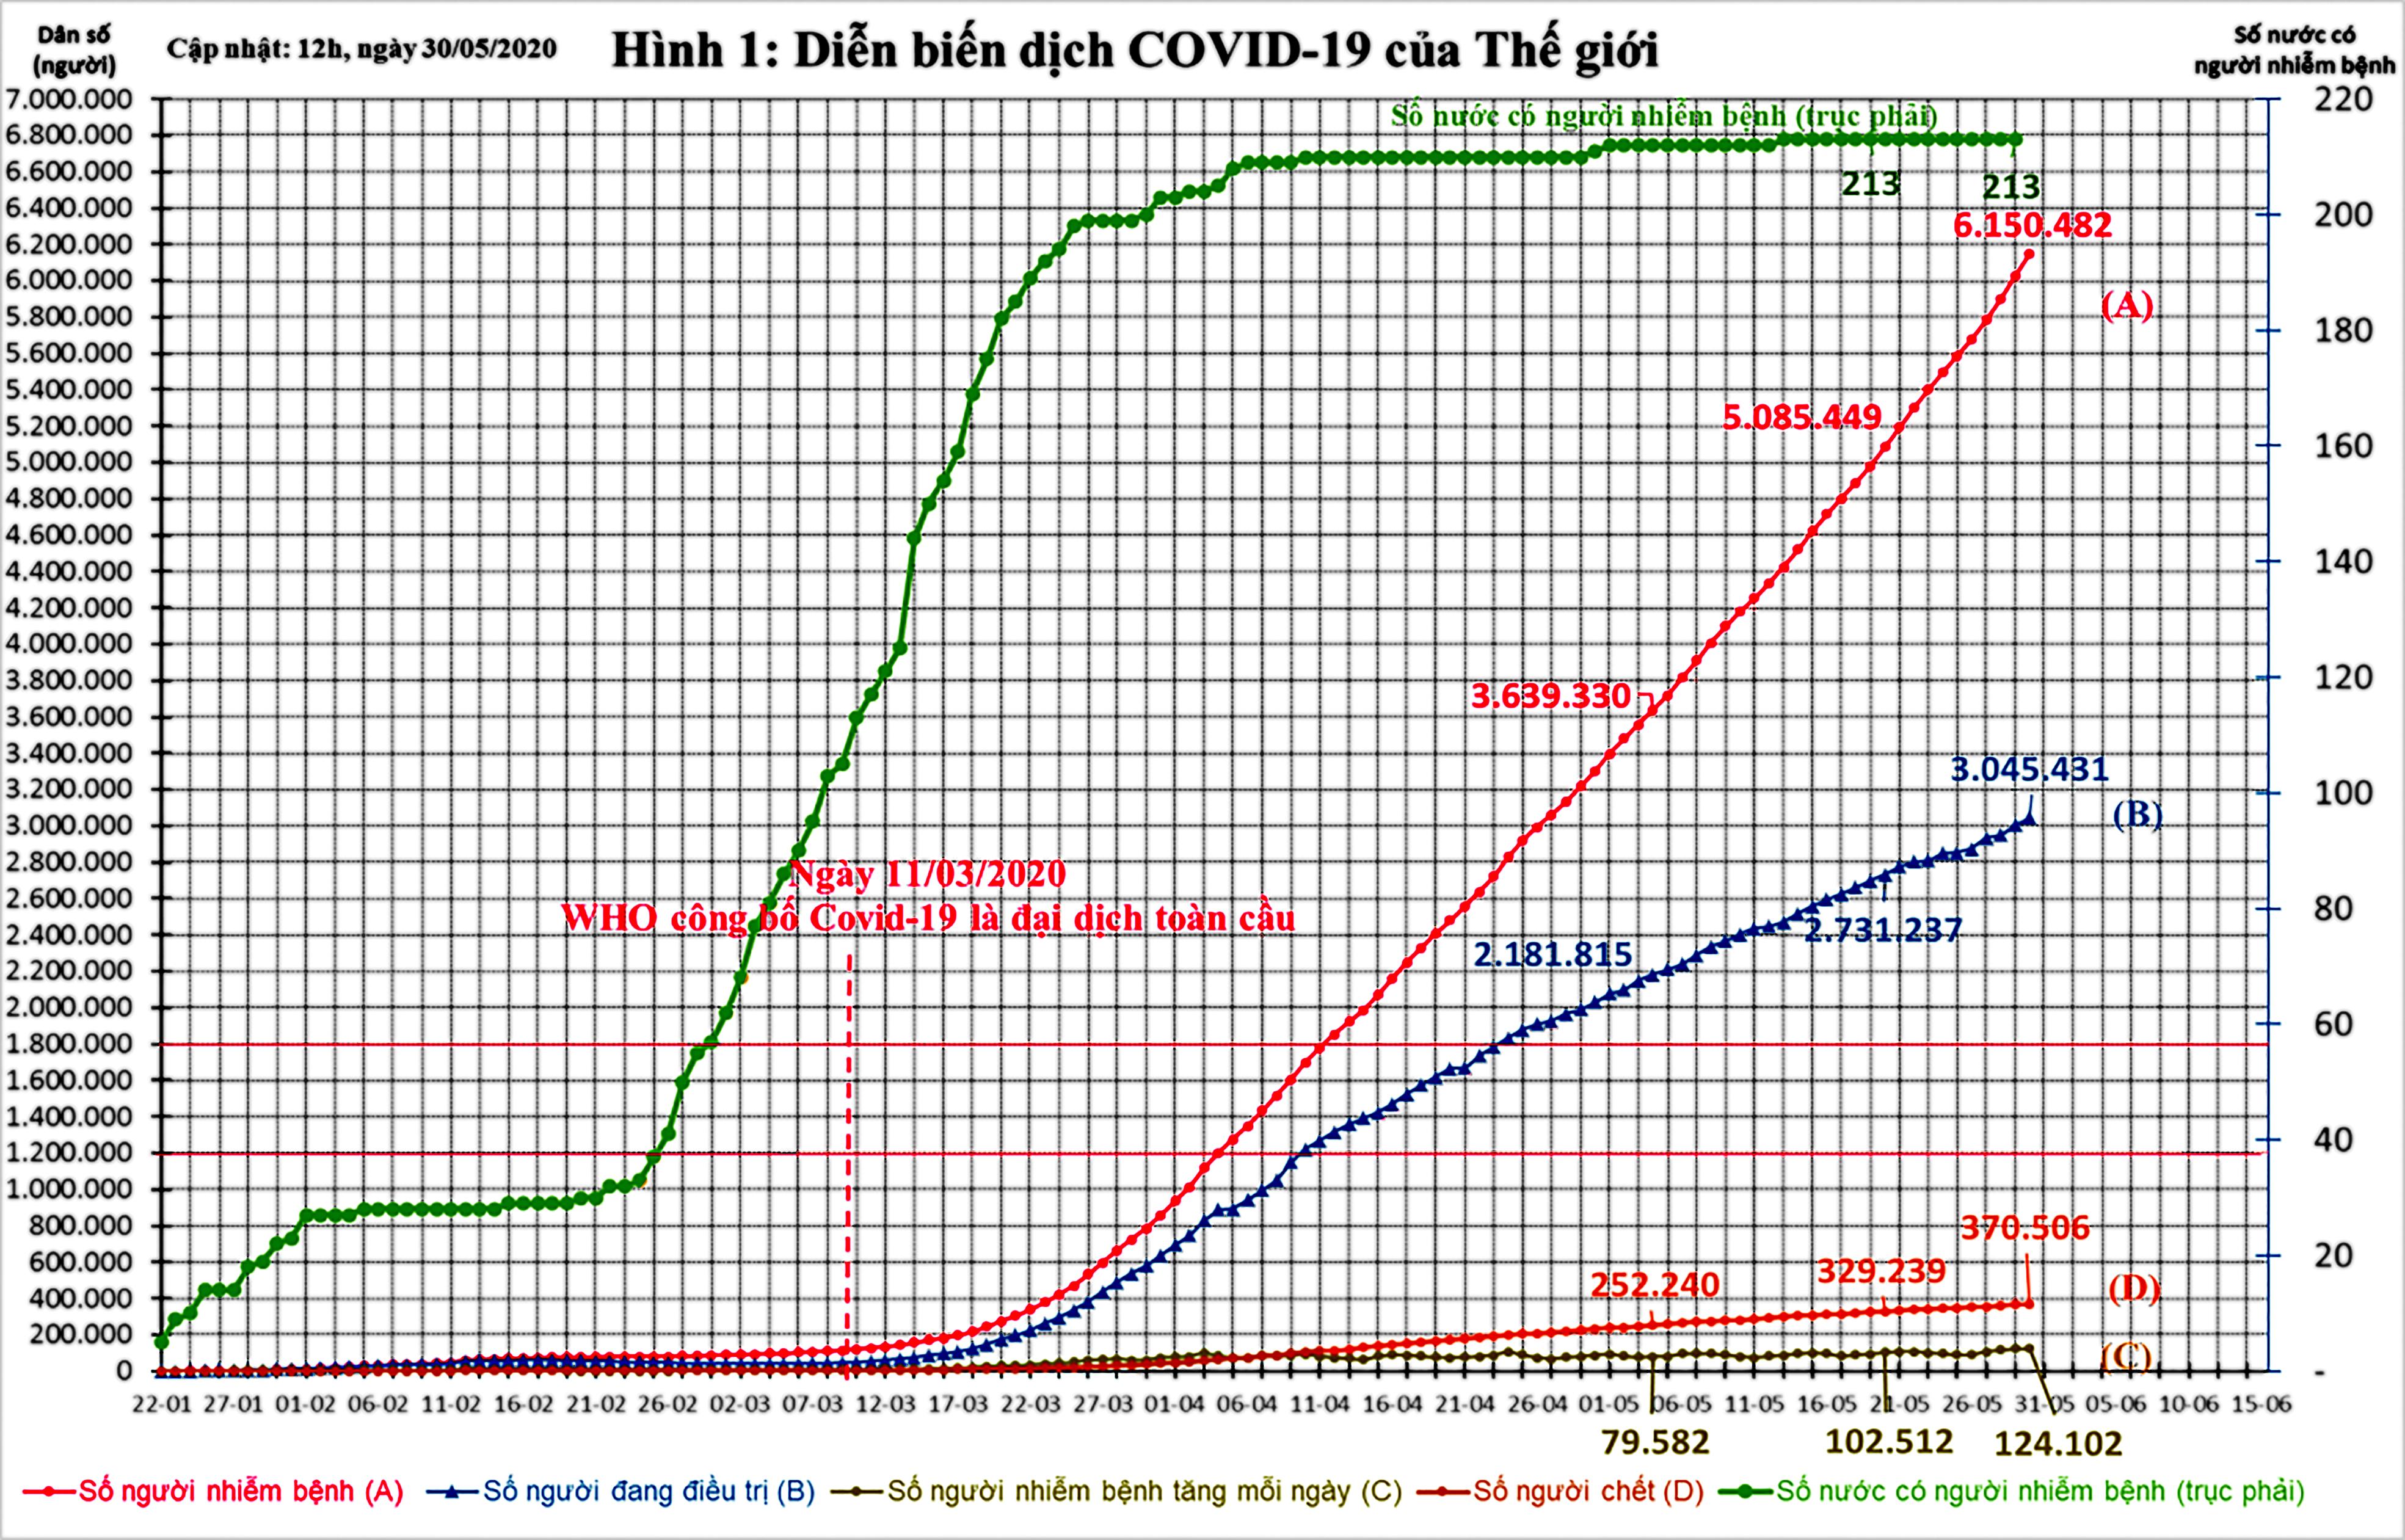 Diễn biến dịch COVID-19 trên thế giới và kiến nghị 9 nhóm giải pháp phục hồi phát triển kinh tế Việt Nam ảnh 4